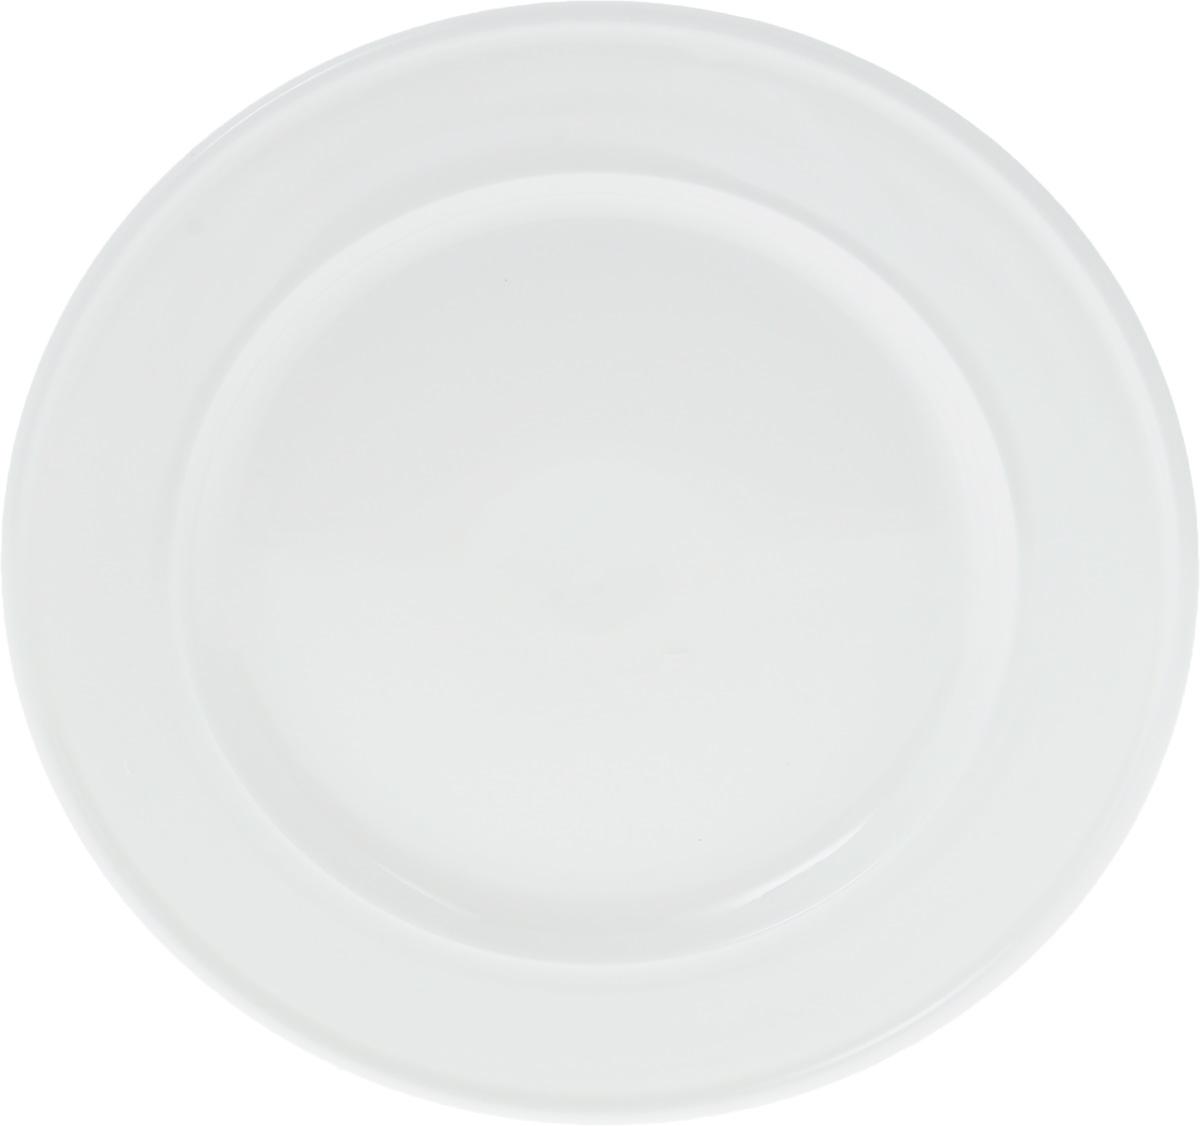 Тарелка Wilmax, диаметр 23 см. WL-991241 / A115510Тарелка Wilmax, изготовленная из высококачественного фарфора, имеет классическую круглую форму. Оригинальный дизайн придется по вкусу и ценителям классики, и тем, кто предпочитает утонченность и изысканность. Тарелка Wilmax идеально подойдет для сервировки стола и станет отличным подарком к любому празднику.